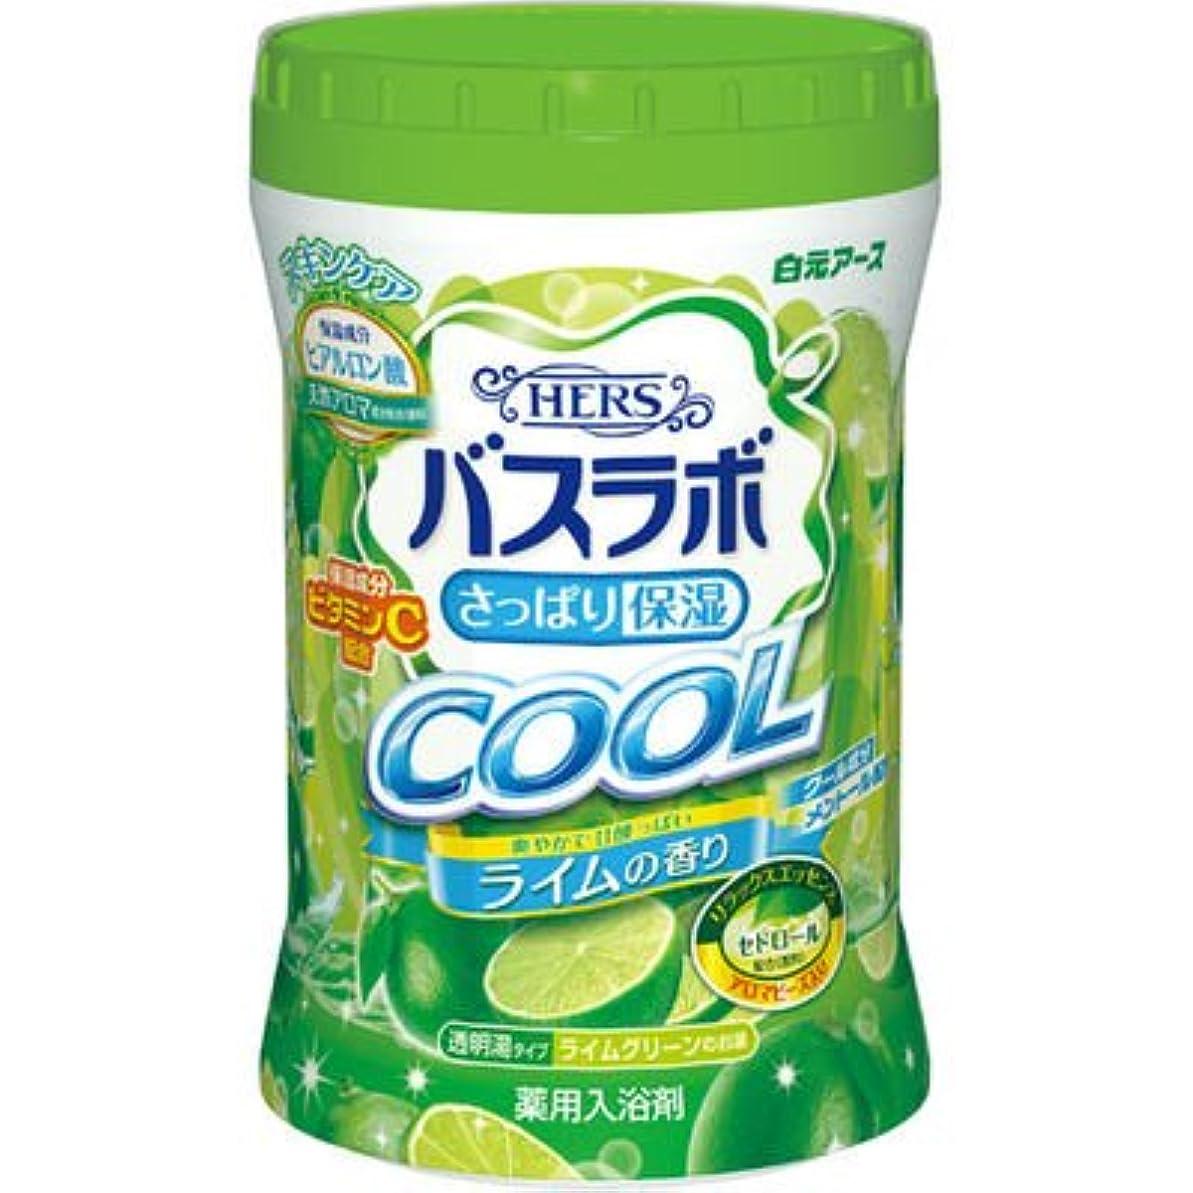 関与する母レギュラー白元アース HERSバスラボ さっぱり保湿 COOL ライムの香り 640g E537344H